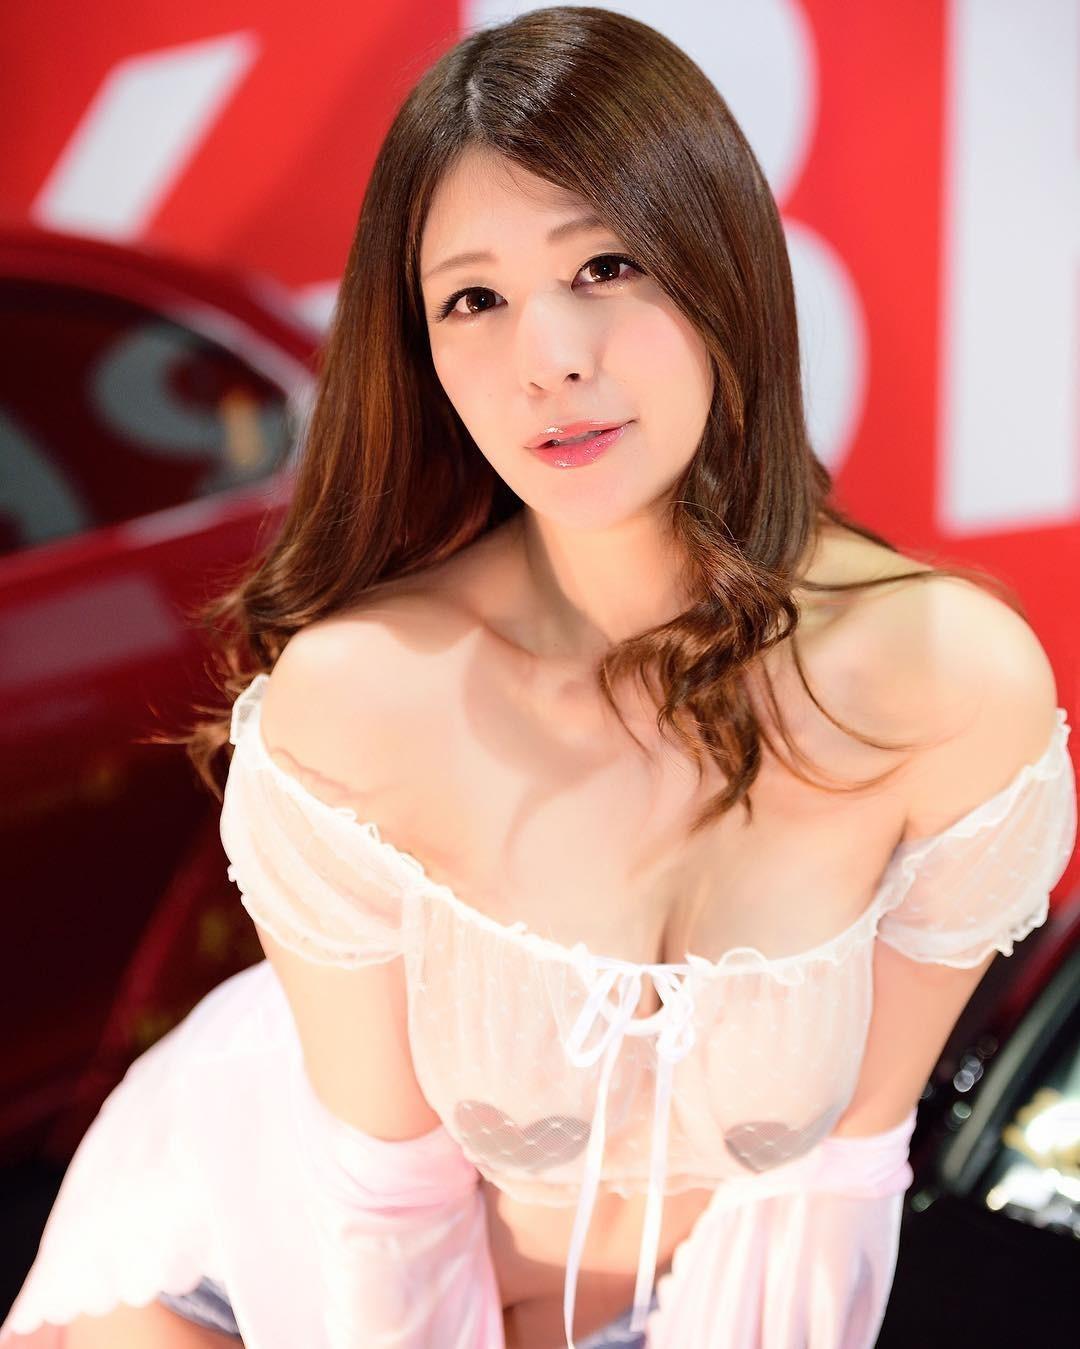 Thỏa mắt nhìn ngắm các người mẫu Nhật Bản xinh đẹp ở Osaka Auto Messe 2019 - 4